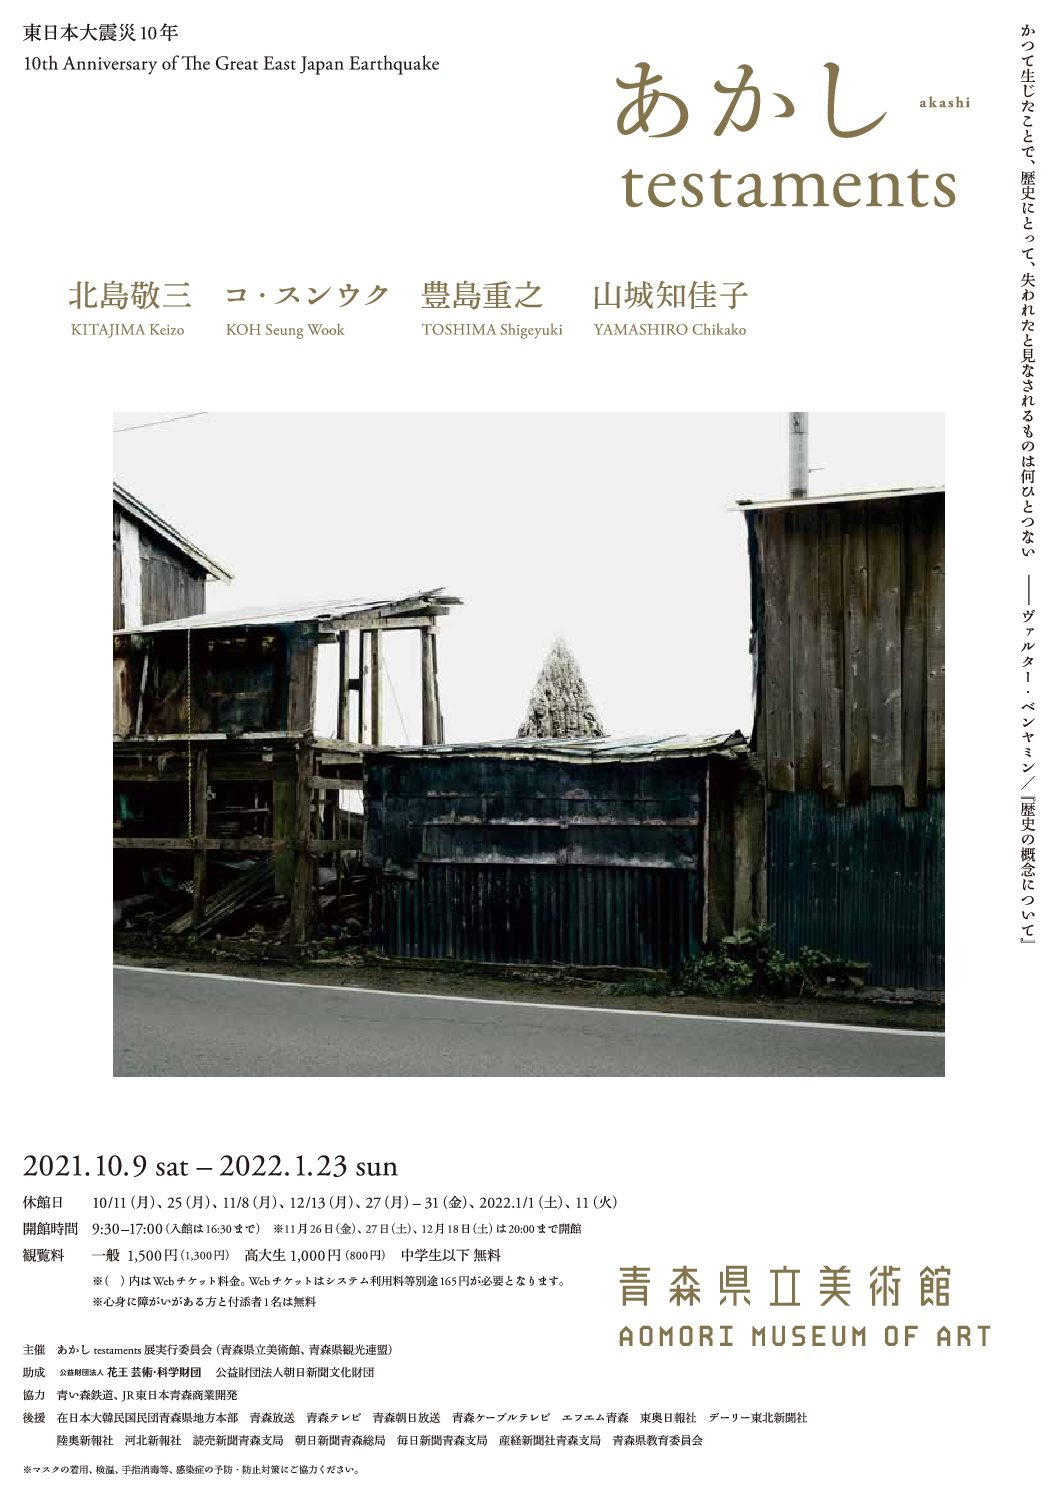 青森県立美術館にて「東日本大震災10年 あかし testaments」が開催されます